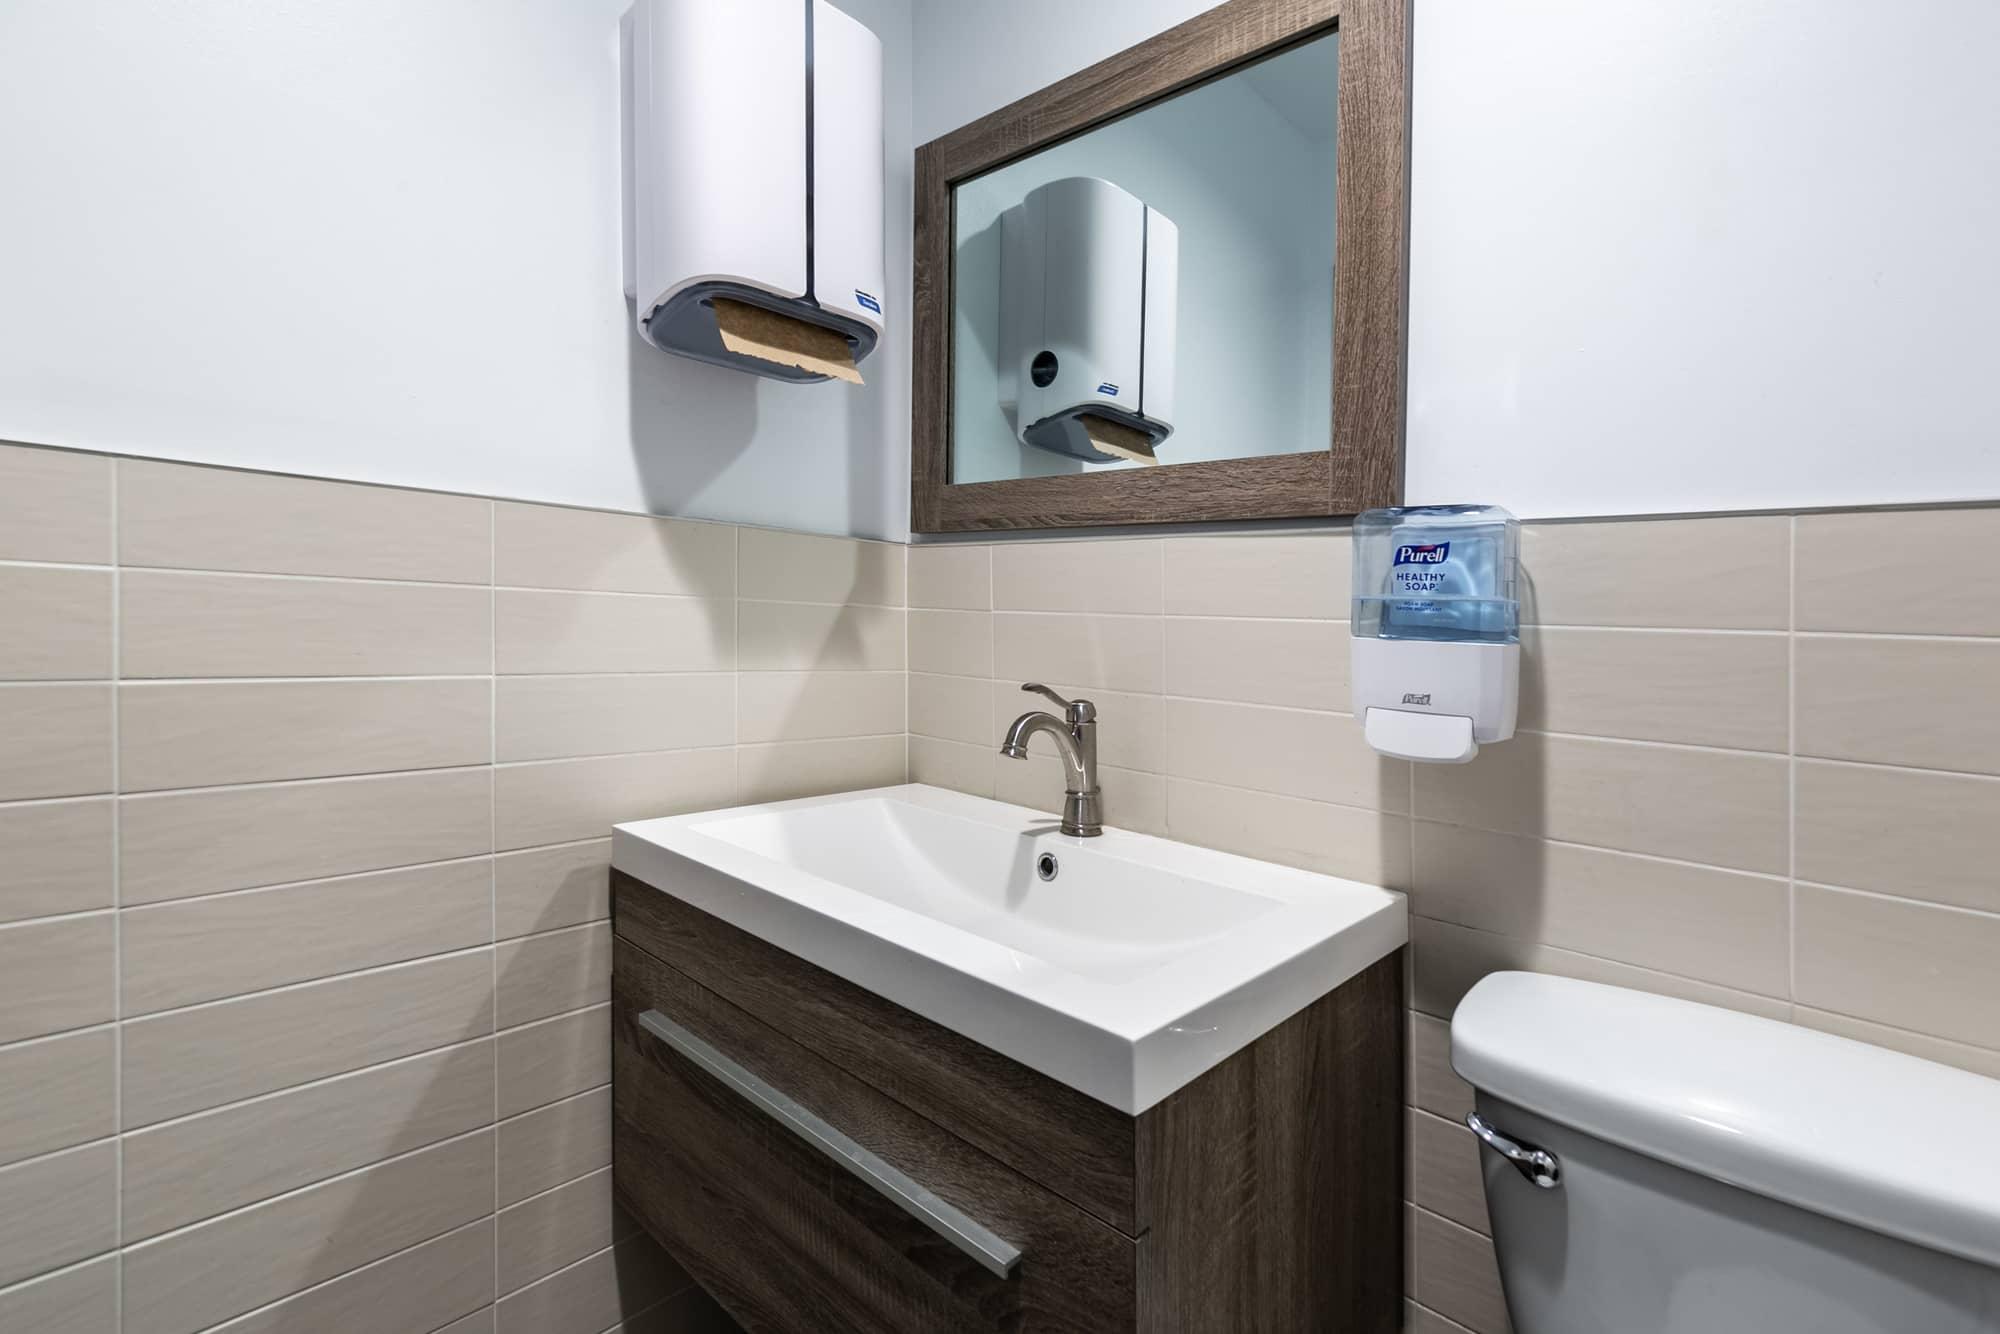 petite salle de bain d'entreprise avec lavabo simple